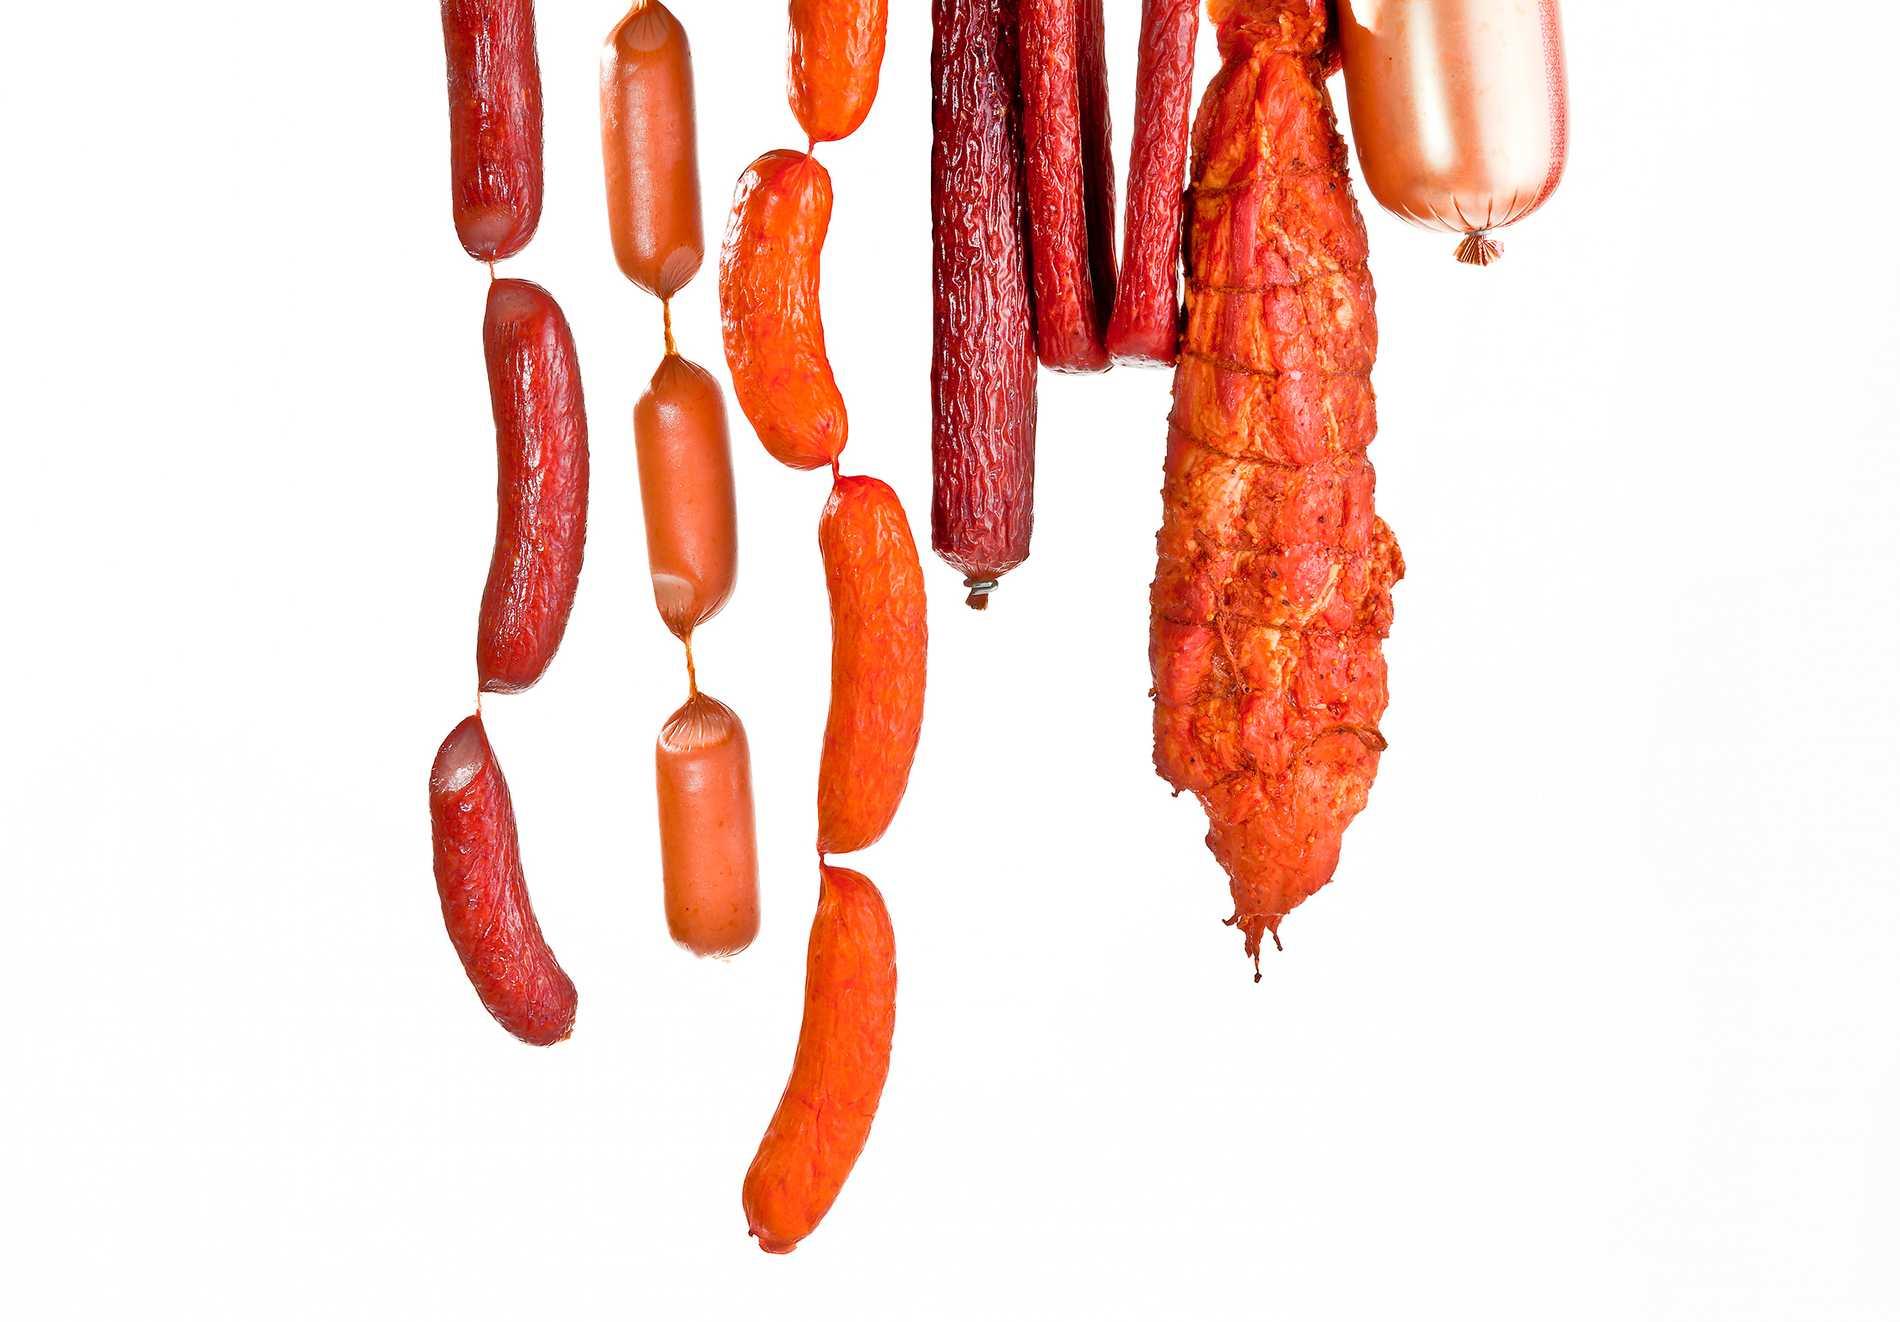 EN TIMME EFTE TRÄNING Inom den tiden är det smart att fylla på kroppen med proteiner för optimal effekt, säger Stefan Pettersson.  –Men man har sett positiva effekter även på upp till tre timmar efter ett pass. En ny metastudie visar dock att det viktigaste är att du har ett tillräckligt högt proteinintag totalt sett och att tajmningen är sekundär. Det tycks också vara gynnsamt att dela upp sitt proteinintag över dagen.